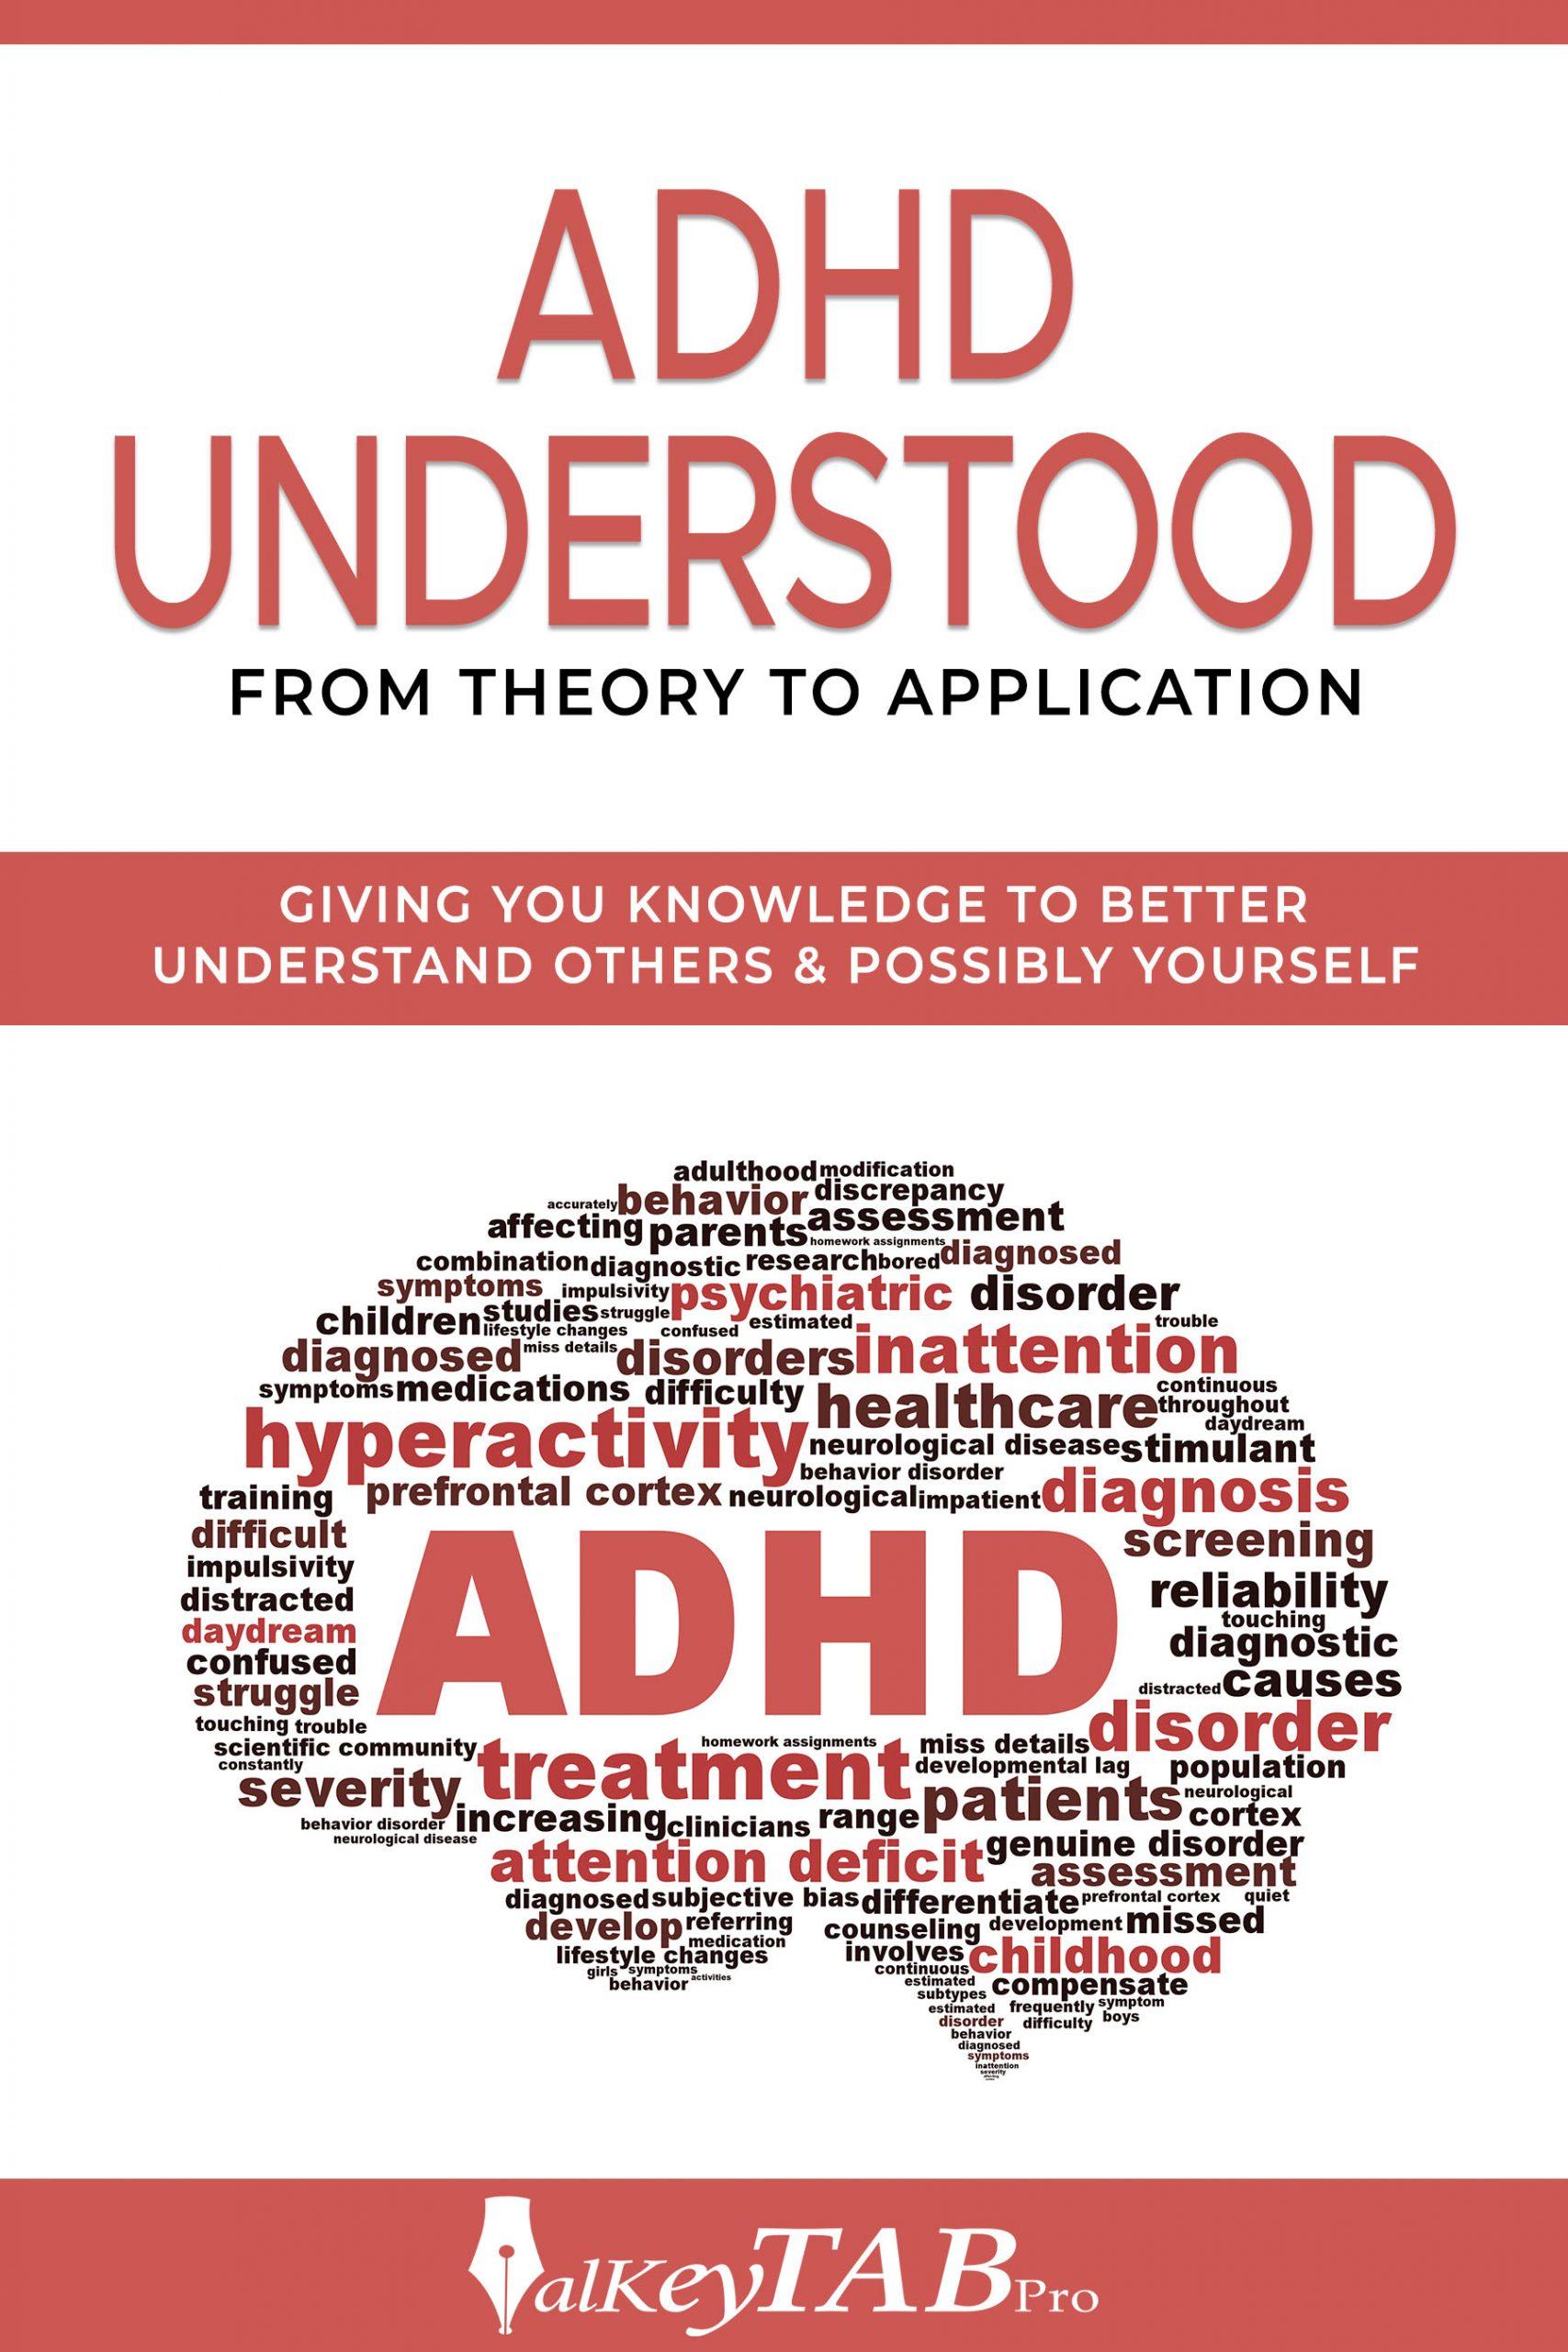 ADHD Understood